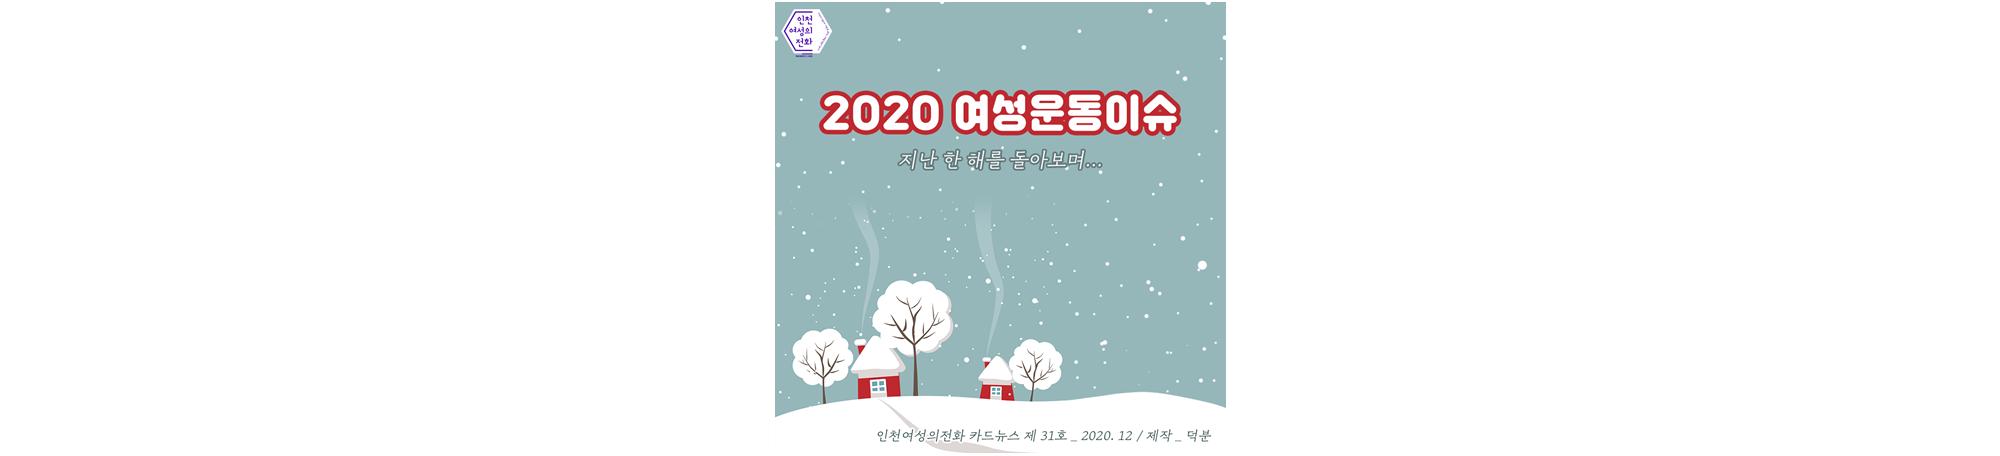 카드뉴스31호